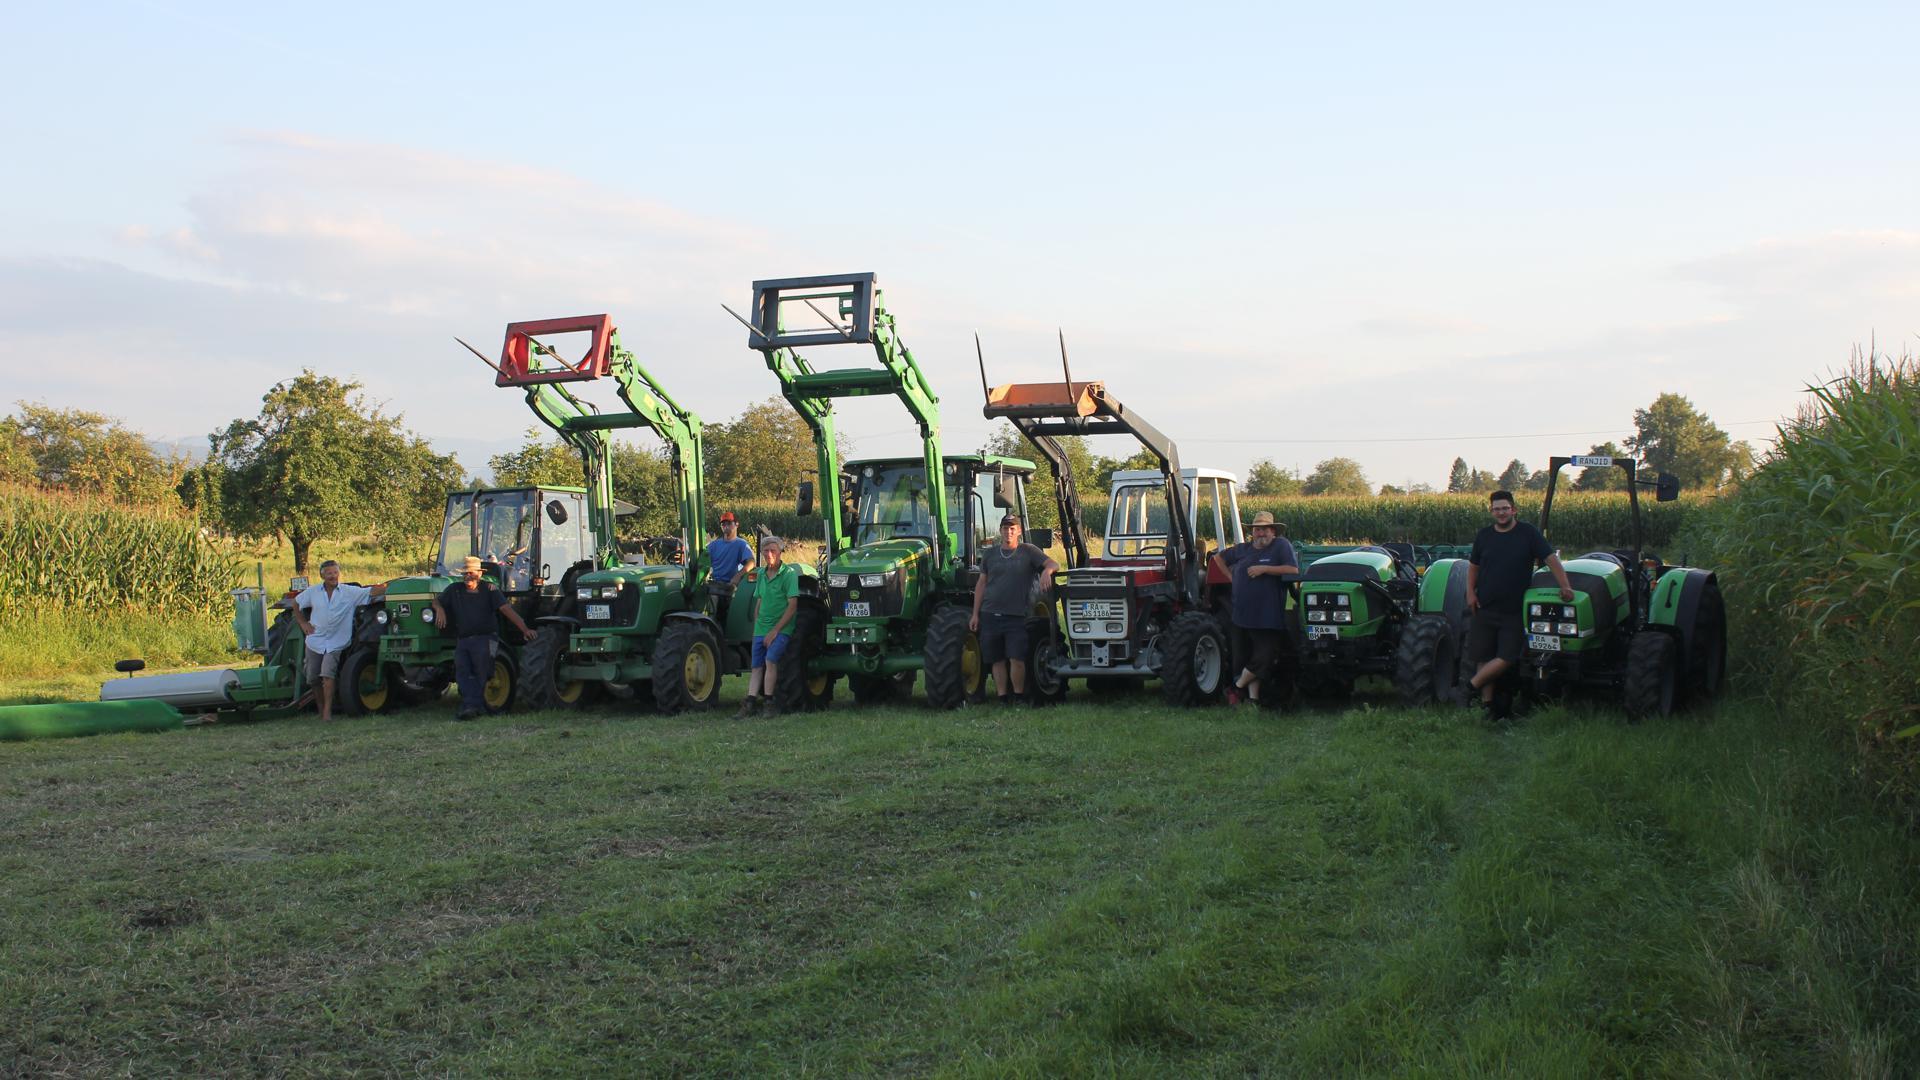 Gemeinsam aktiv für die gute Sache: Rieder Bauern spenden ihr Gras an Tierhalter im Überschwemmungsgebiet.